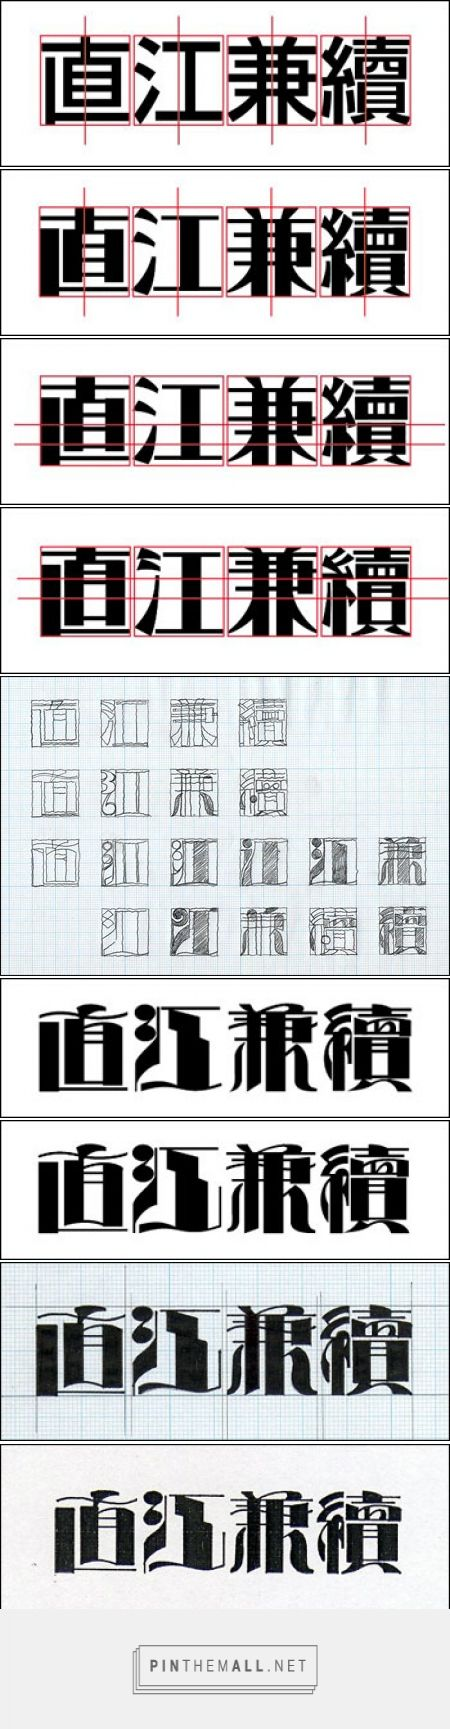 モダン装飾図案文字を書いてみる #キネマ文字 http://www.pinterest.com/chengyuanchieh/east-asian-typography/